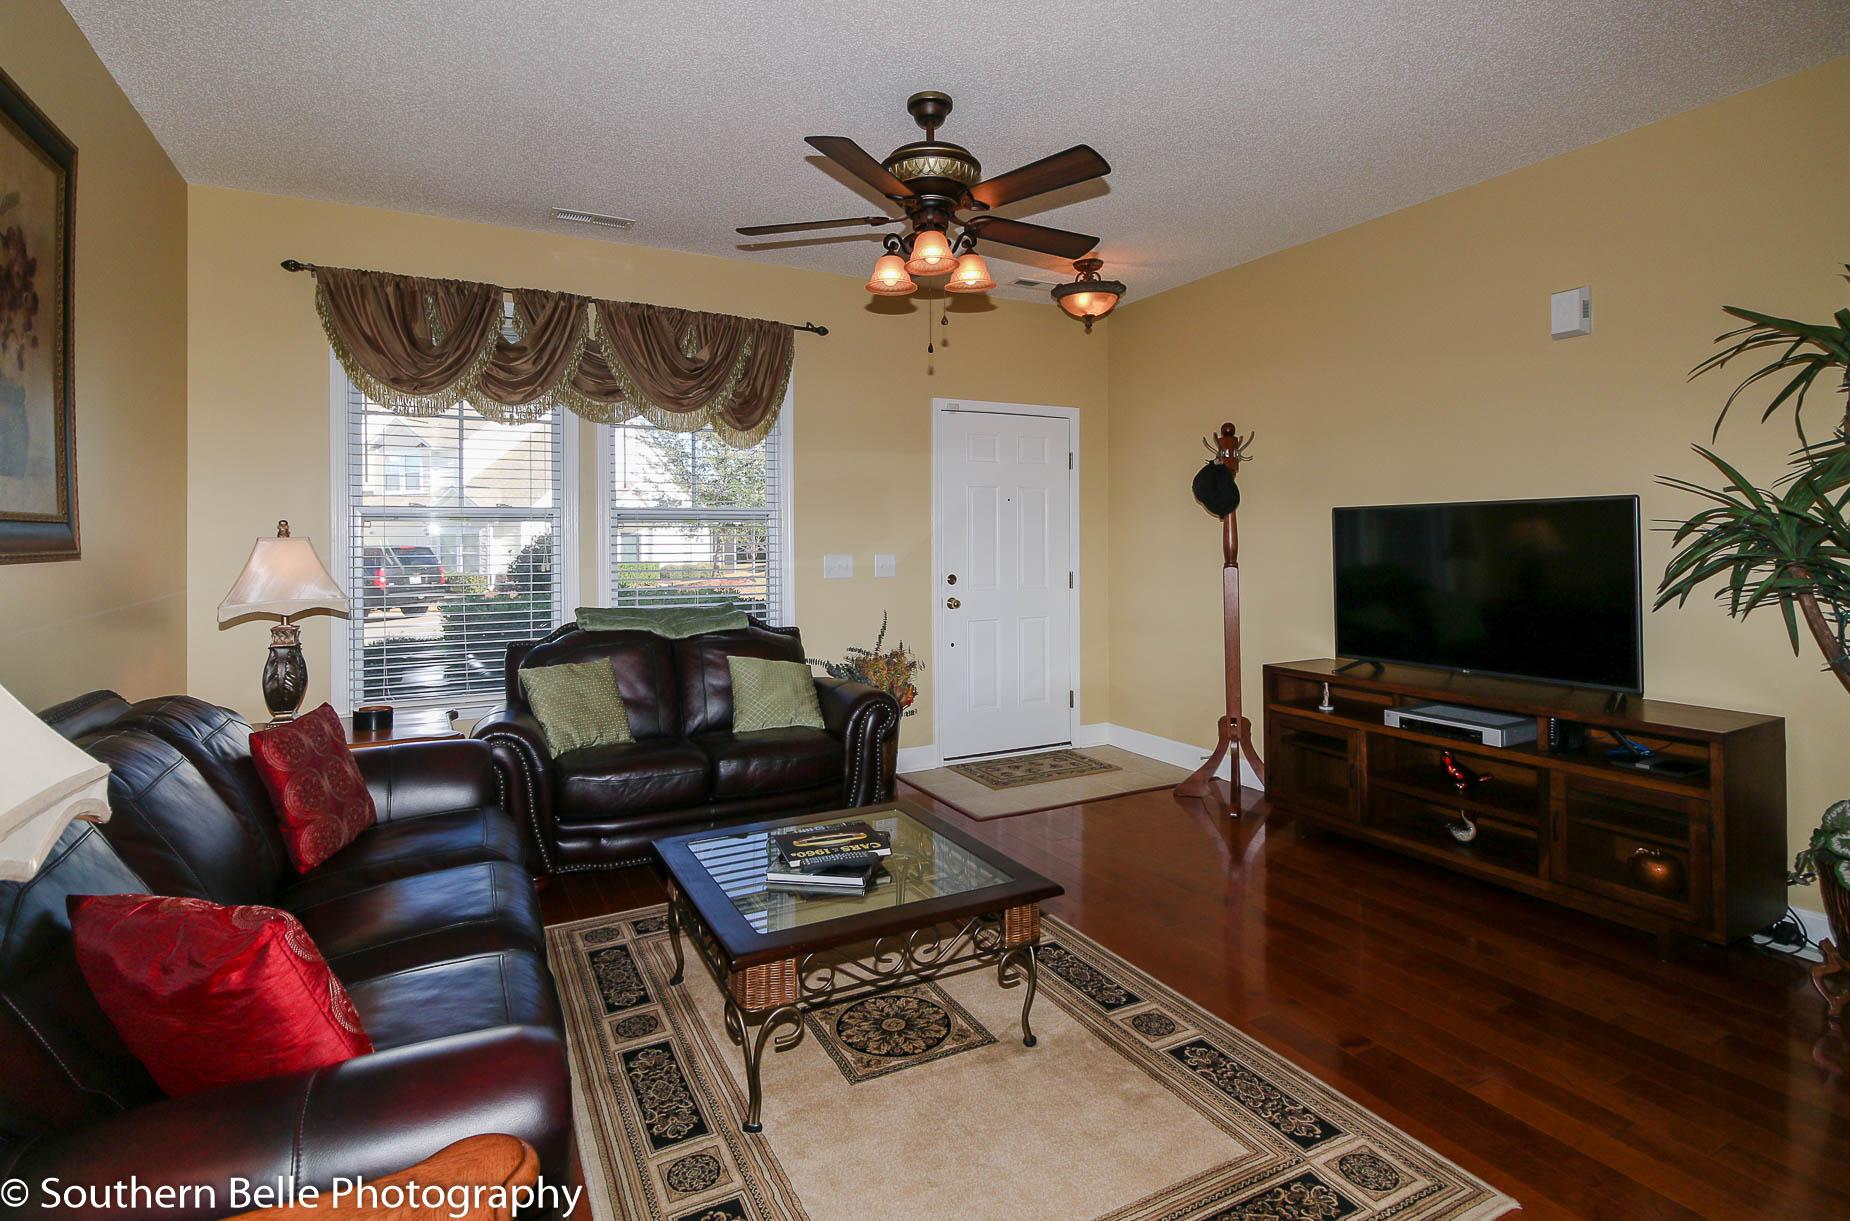 4. Living Room View WM